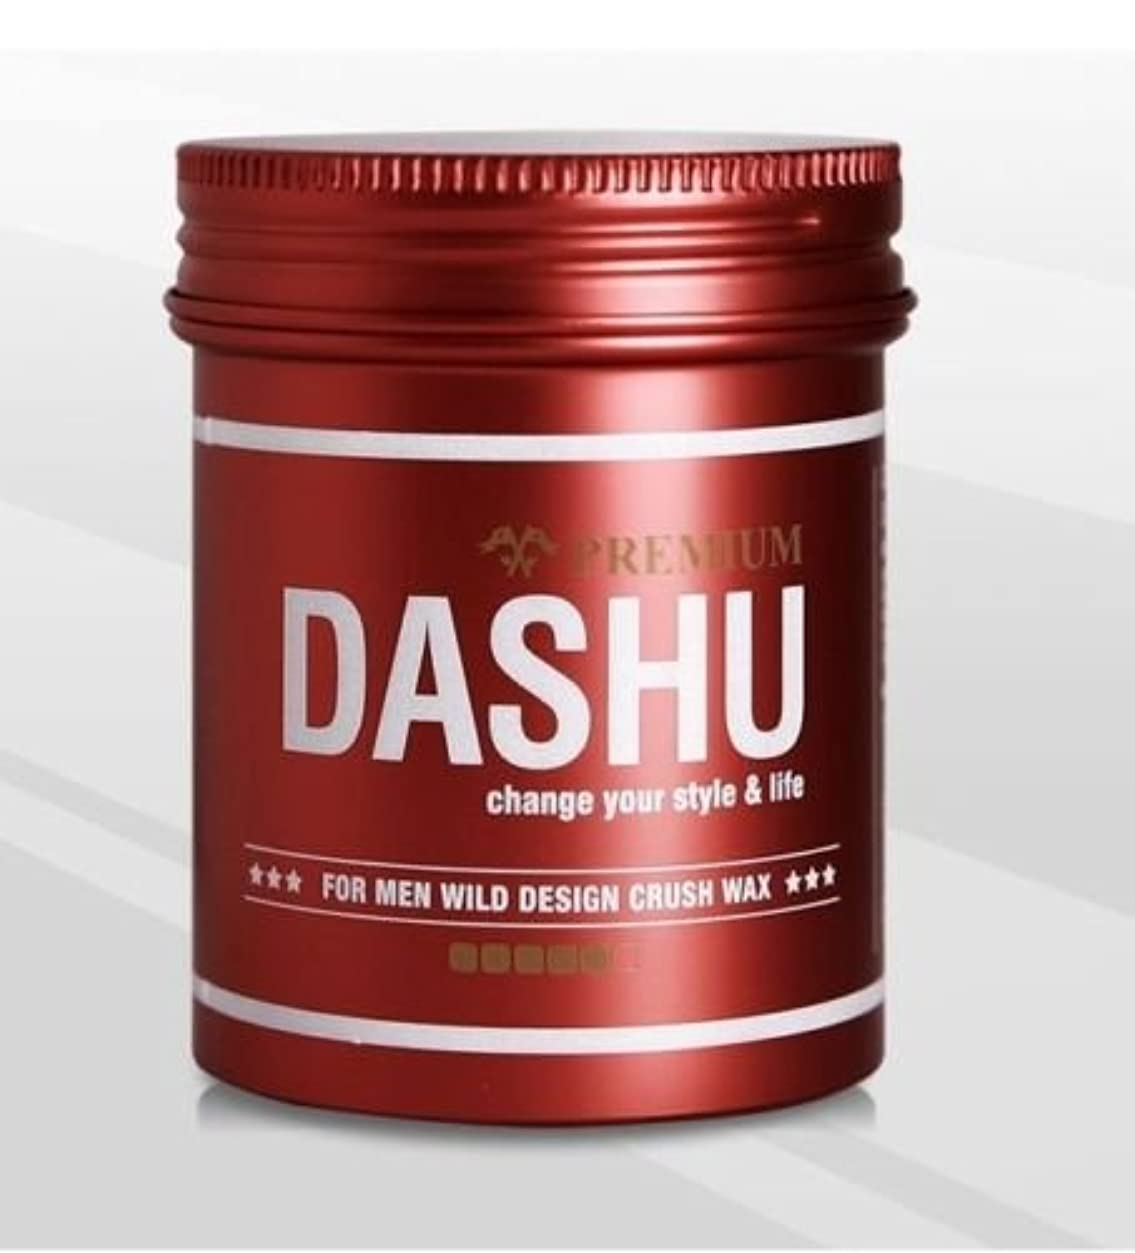 処理葉を拾う物思いにふける[DASHU] ダシュ For Men男性用 プレミアムワイルドデザインクラッシュワックス Premium Wild Design Crush Hair Wax 100ml / 韓国製 . 韓国直送品